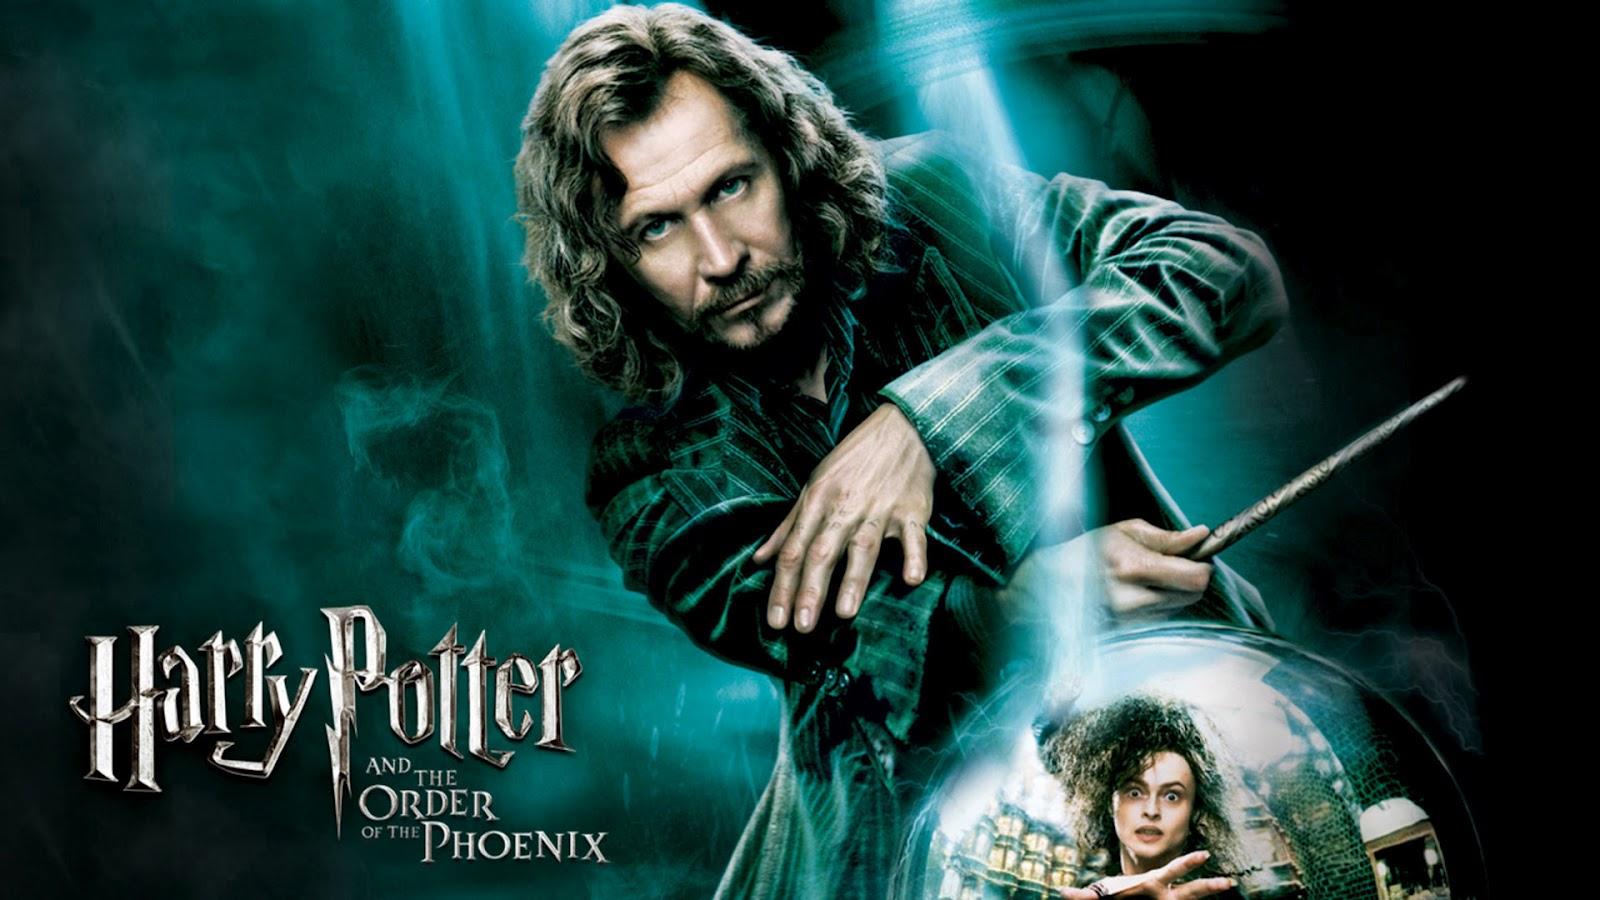 http://1.bp.blogspot.com/-OPZaDrwZofQ/UBHwU6oh0KI/AAAAAAAACoc/qFJHOUb5tuc/s1600/hp-order-of-the-phoenix.jpg